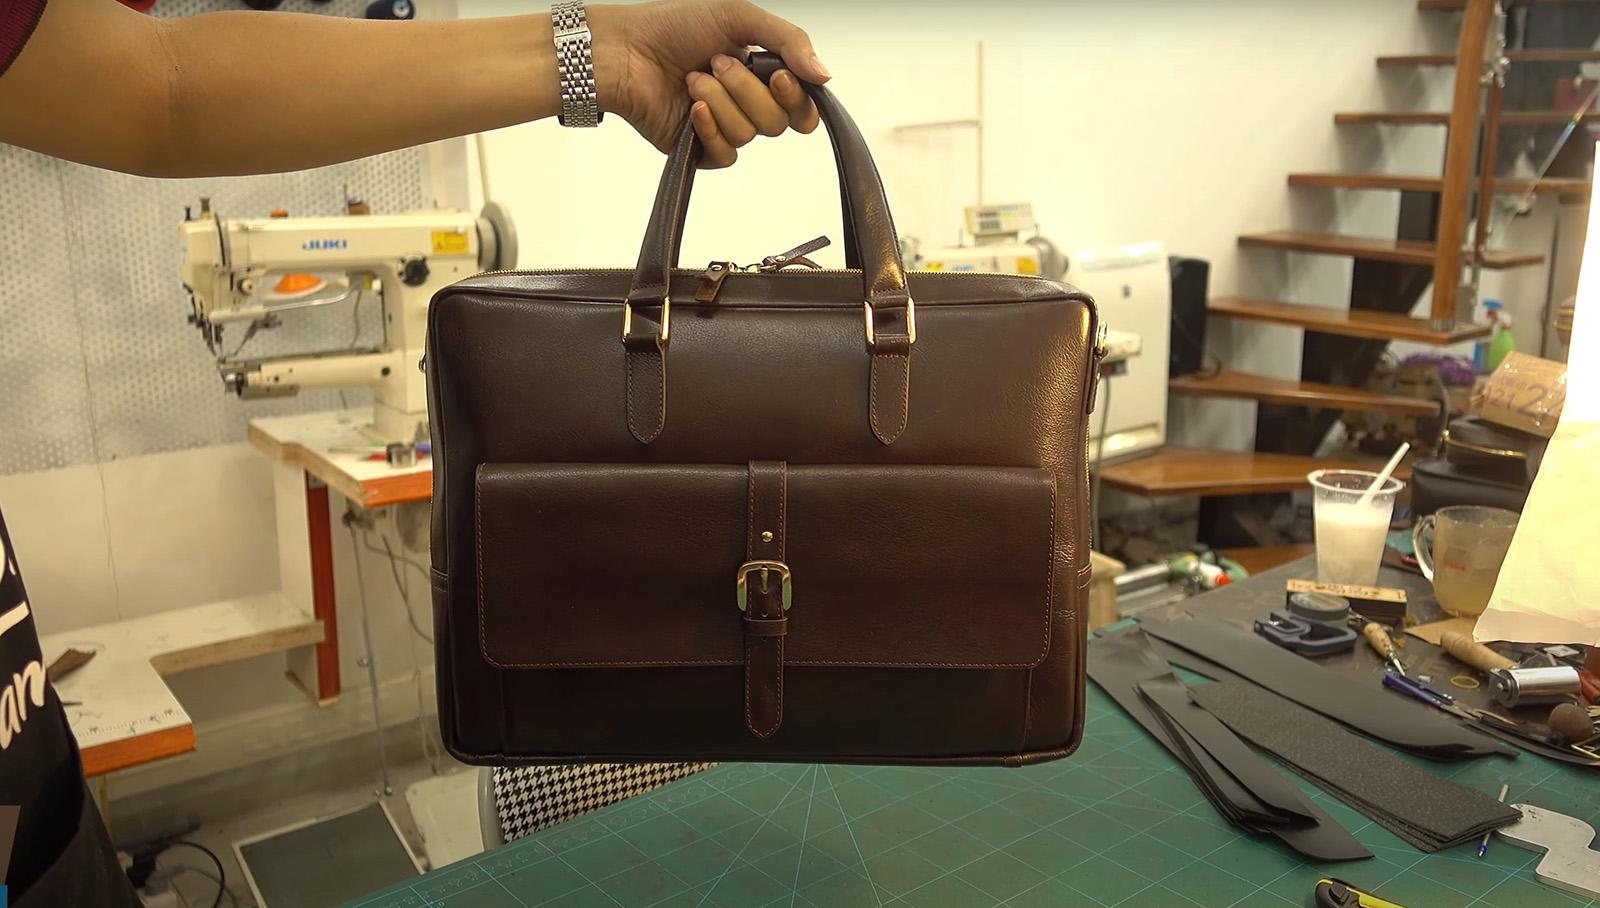 Túi xách da thật thường có nguồn gốc, xuất xứ rõ ràng